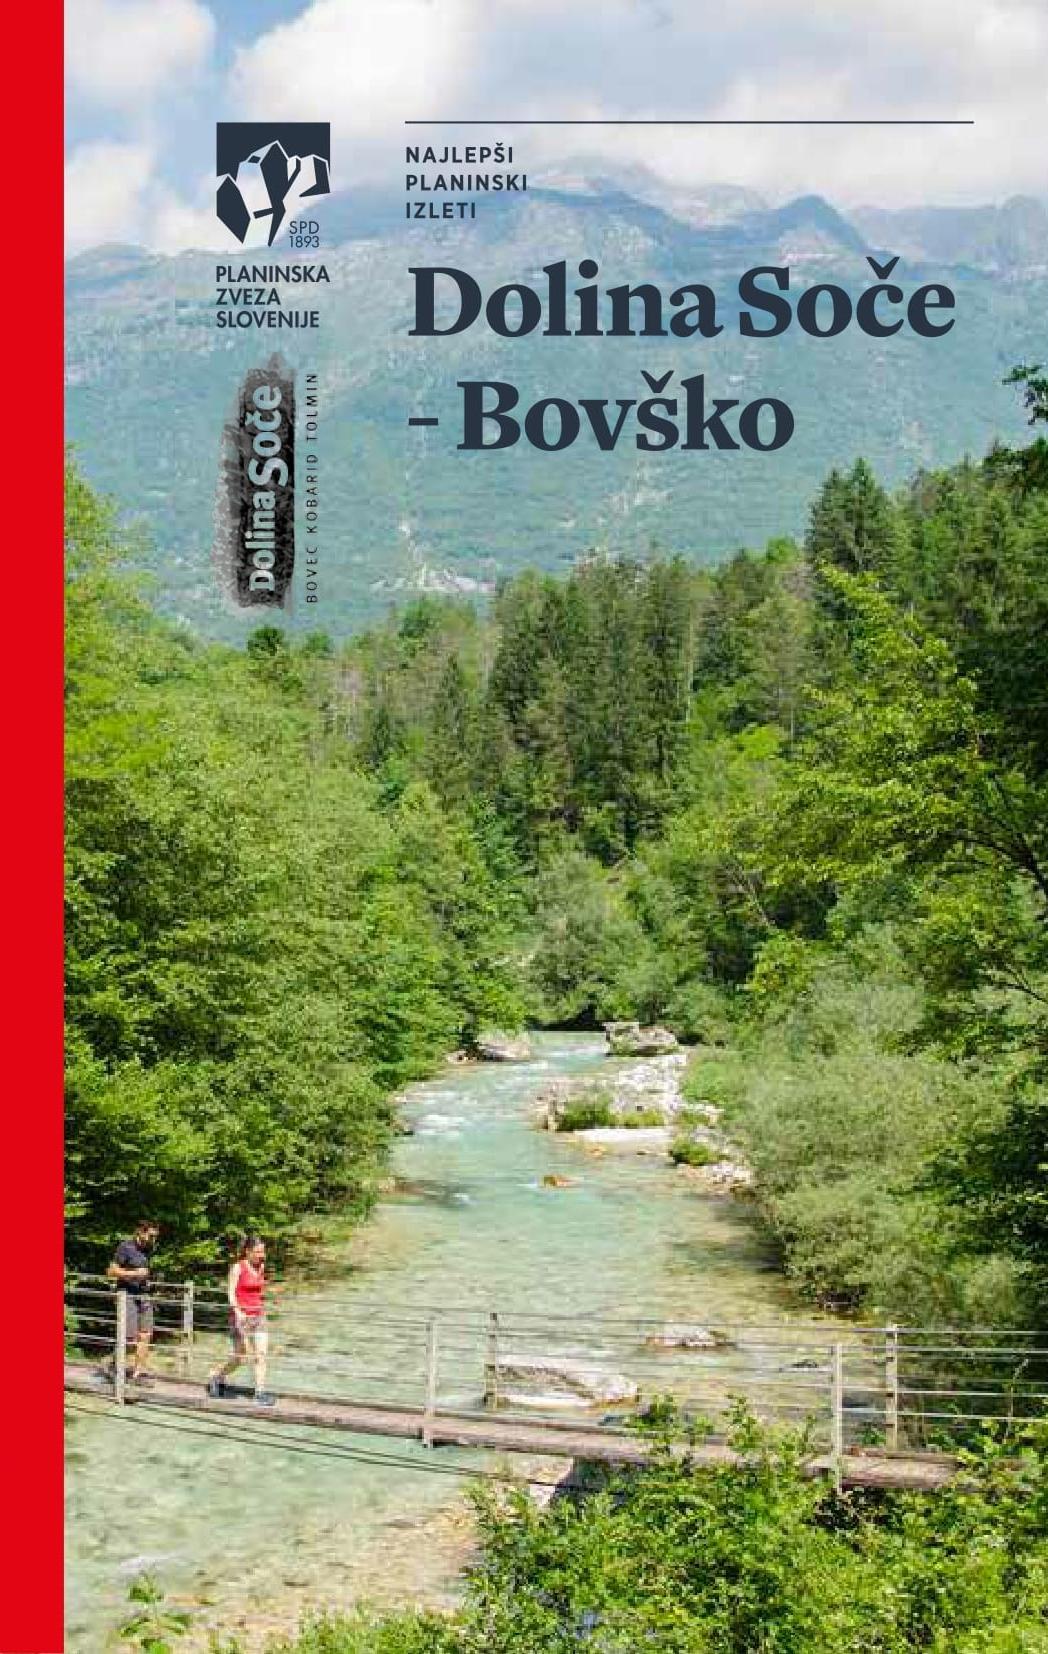 pz_pzs_dolina_soce_bovsko_naslovnica